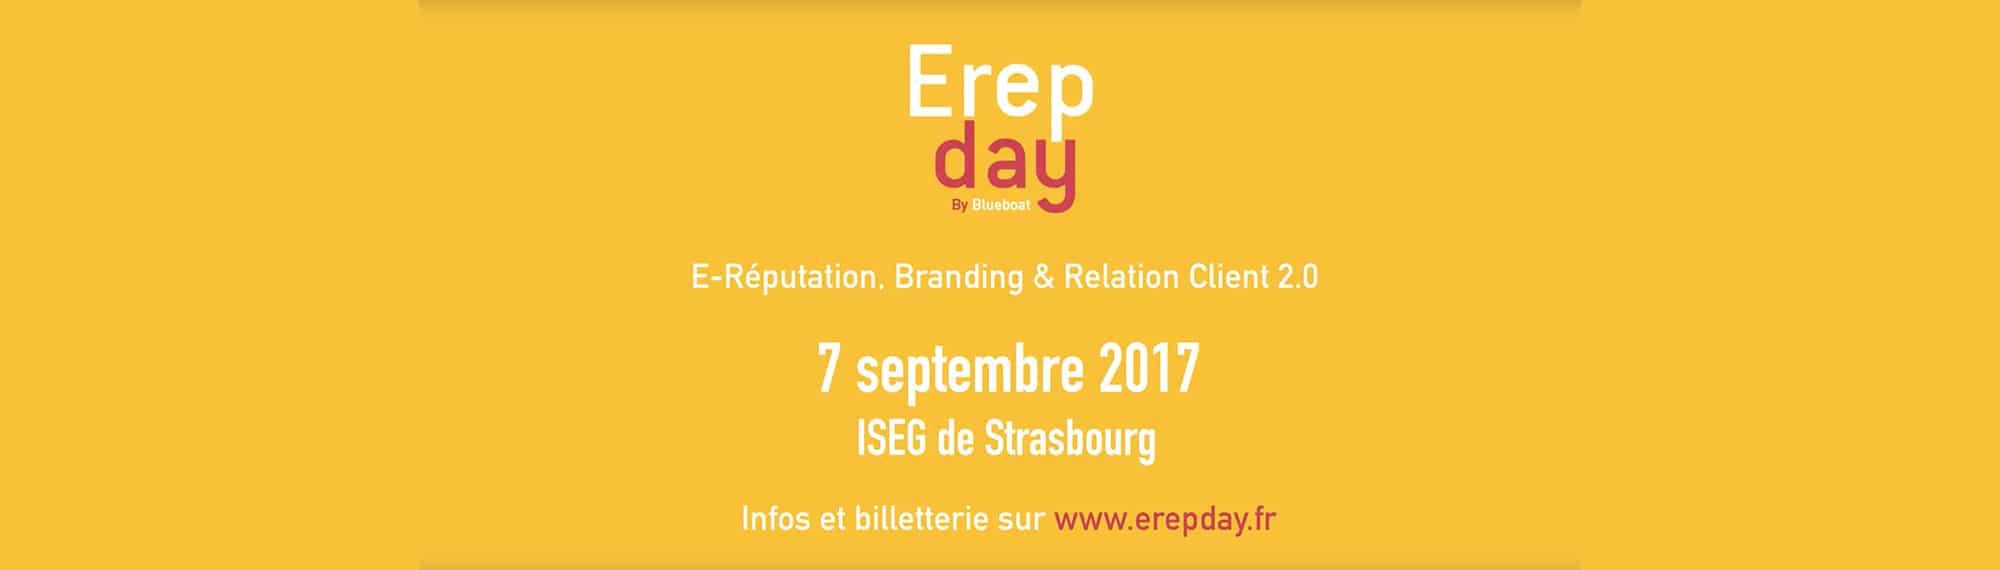 erepday-9-septembre-2017